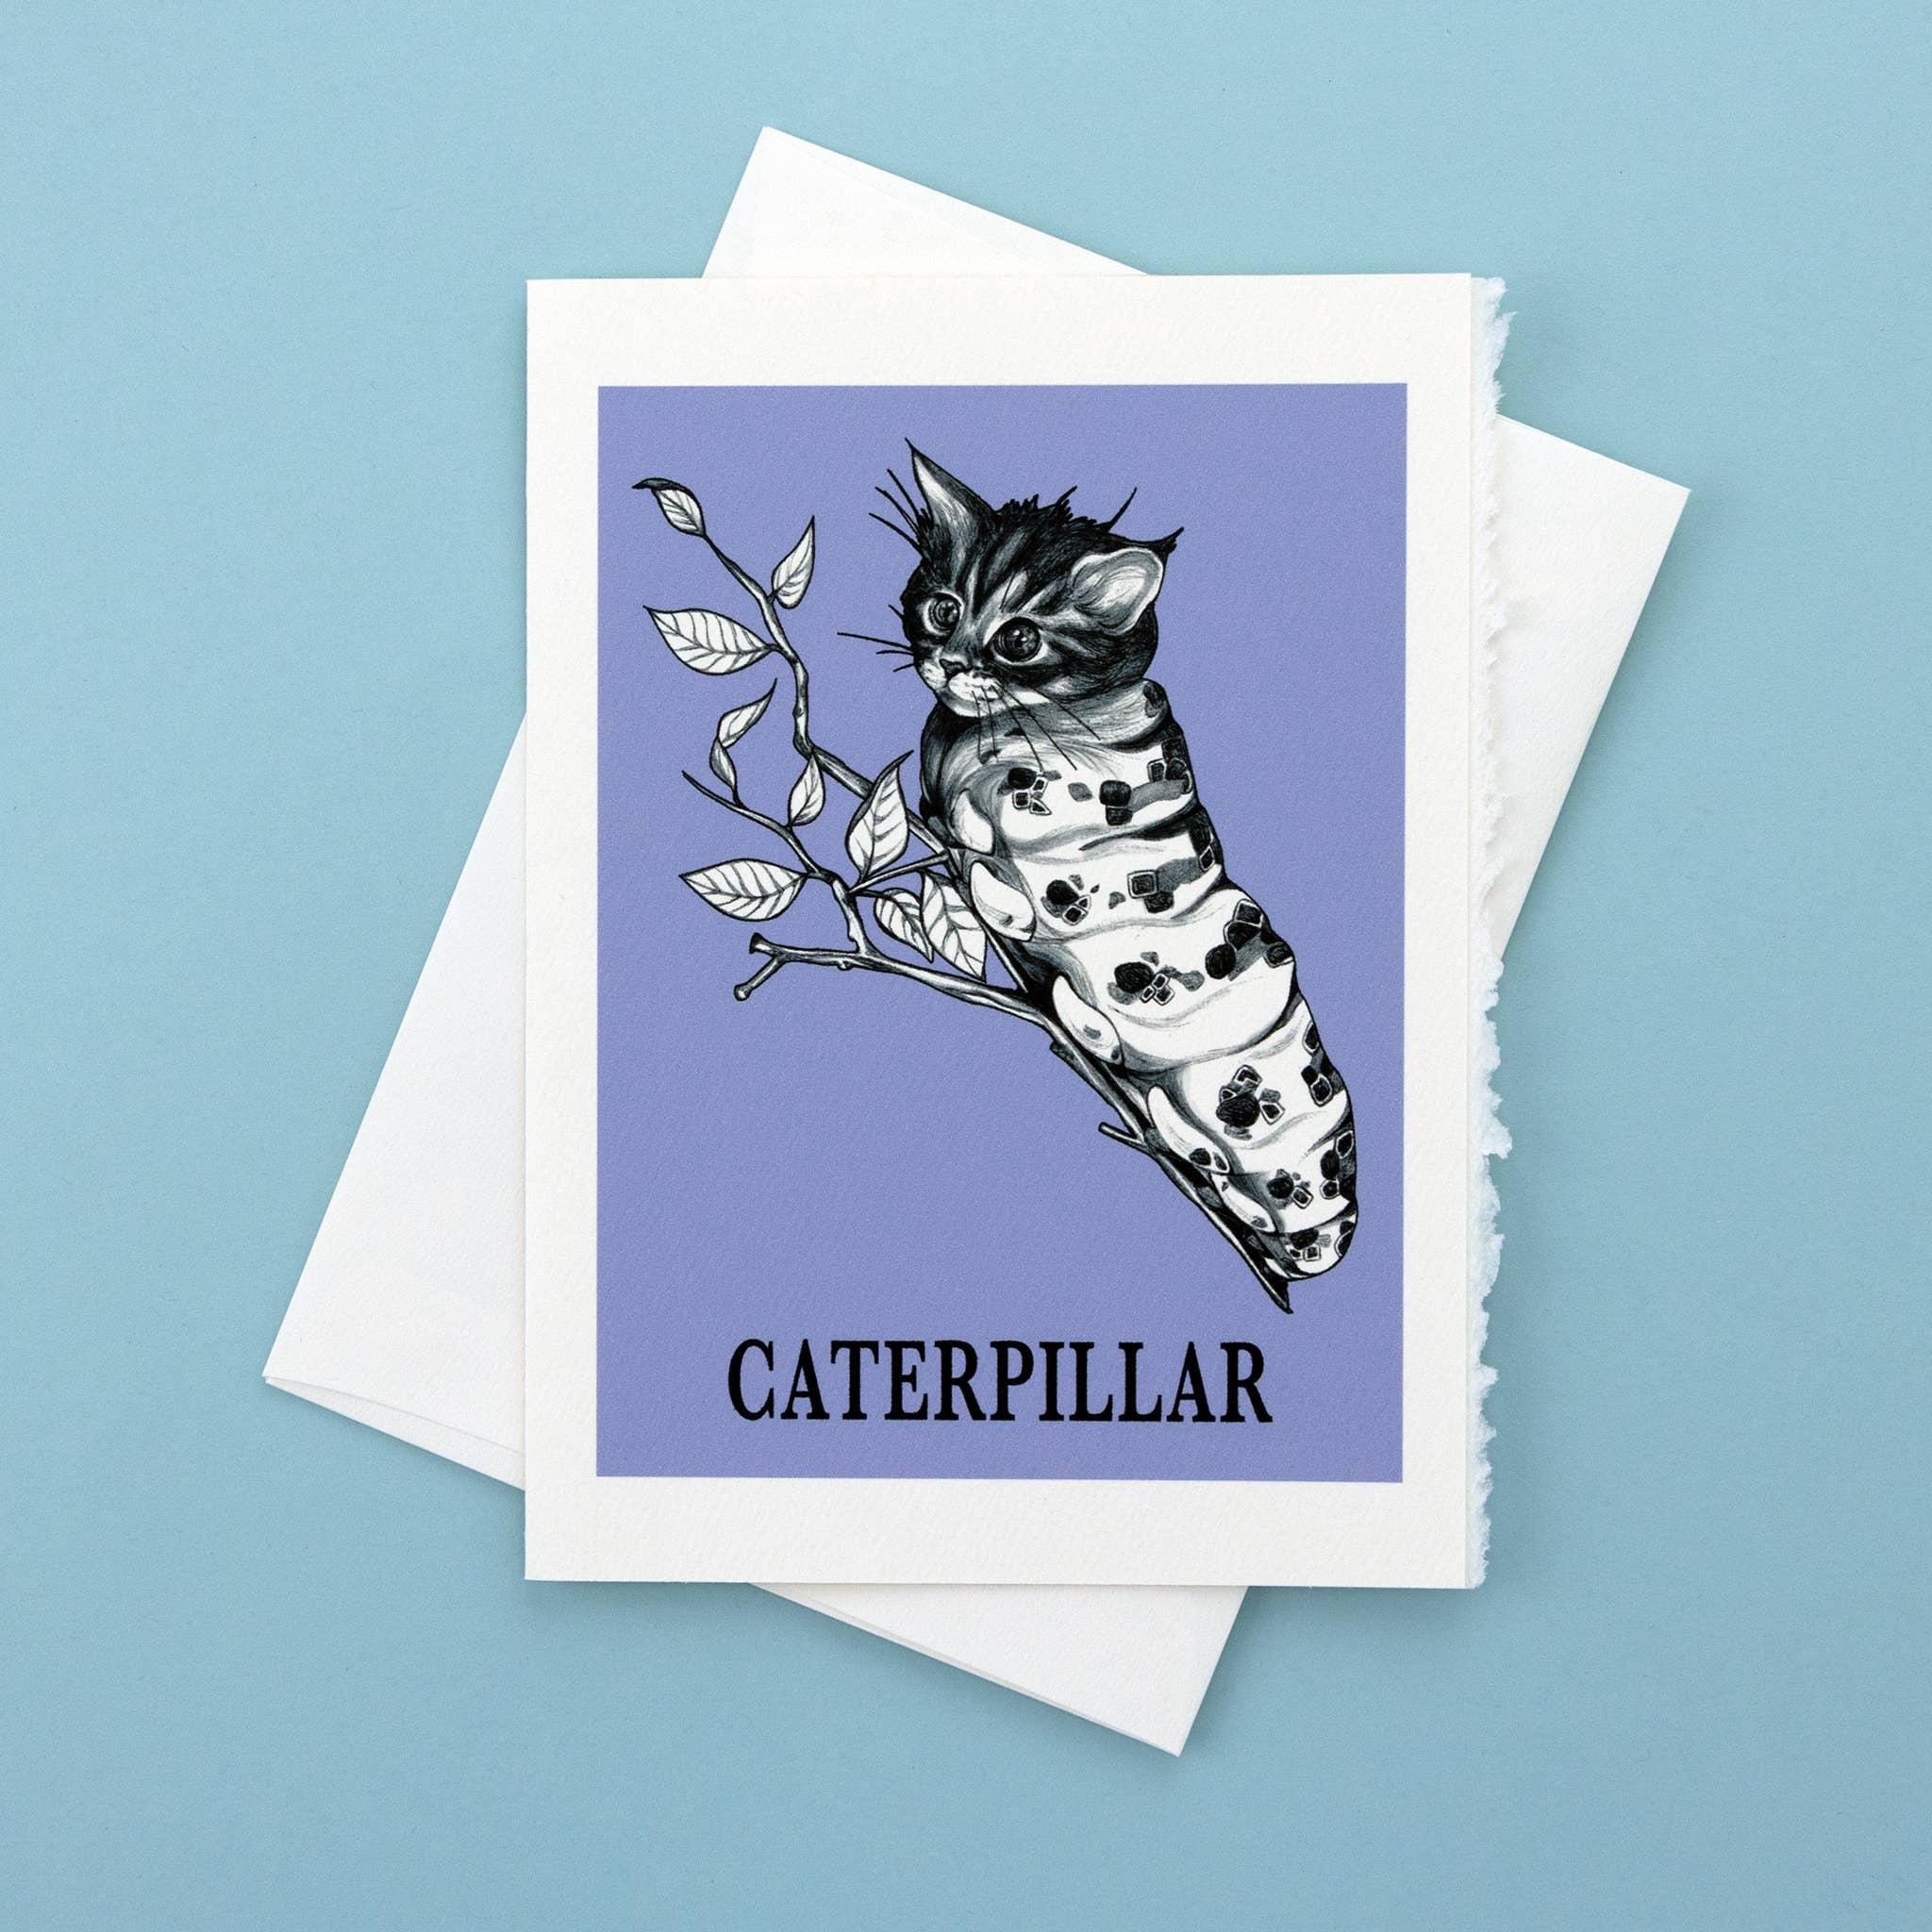 """Caterpillar 5x7"""" Greeting Card   Trada Marketplace"""